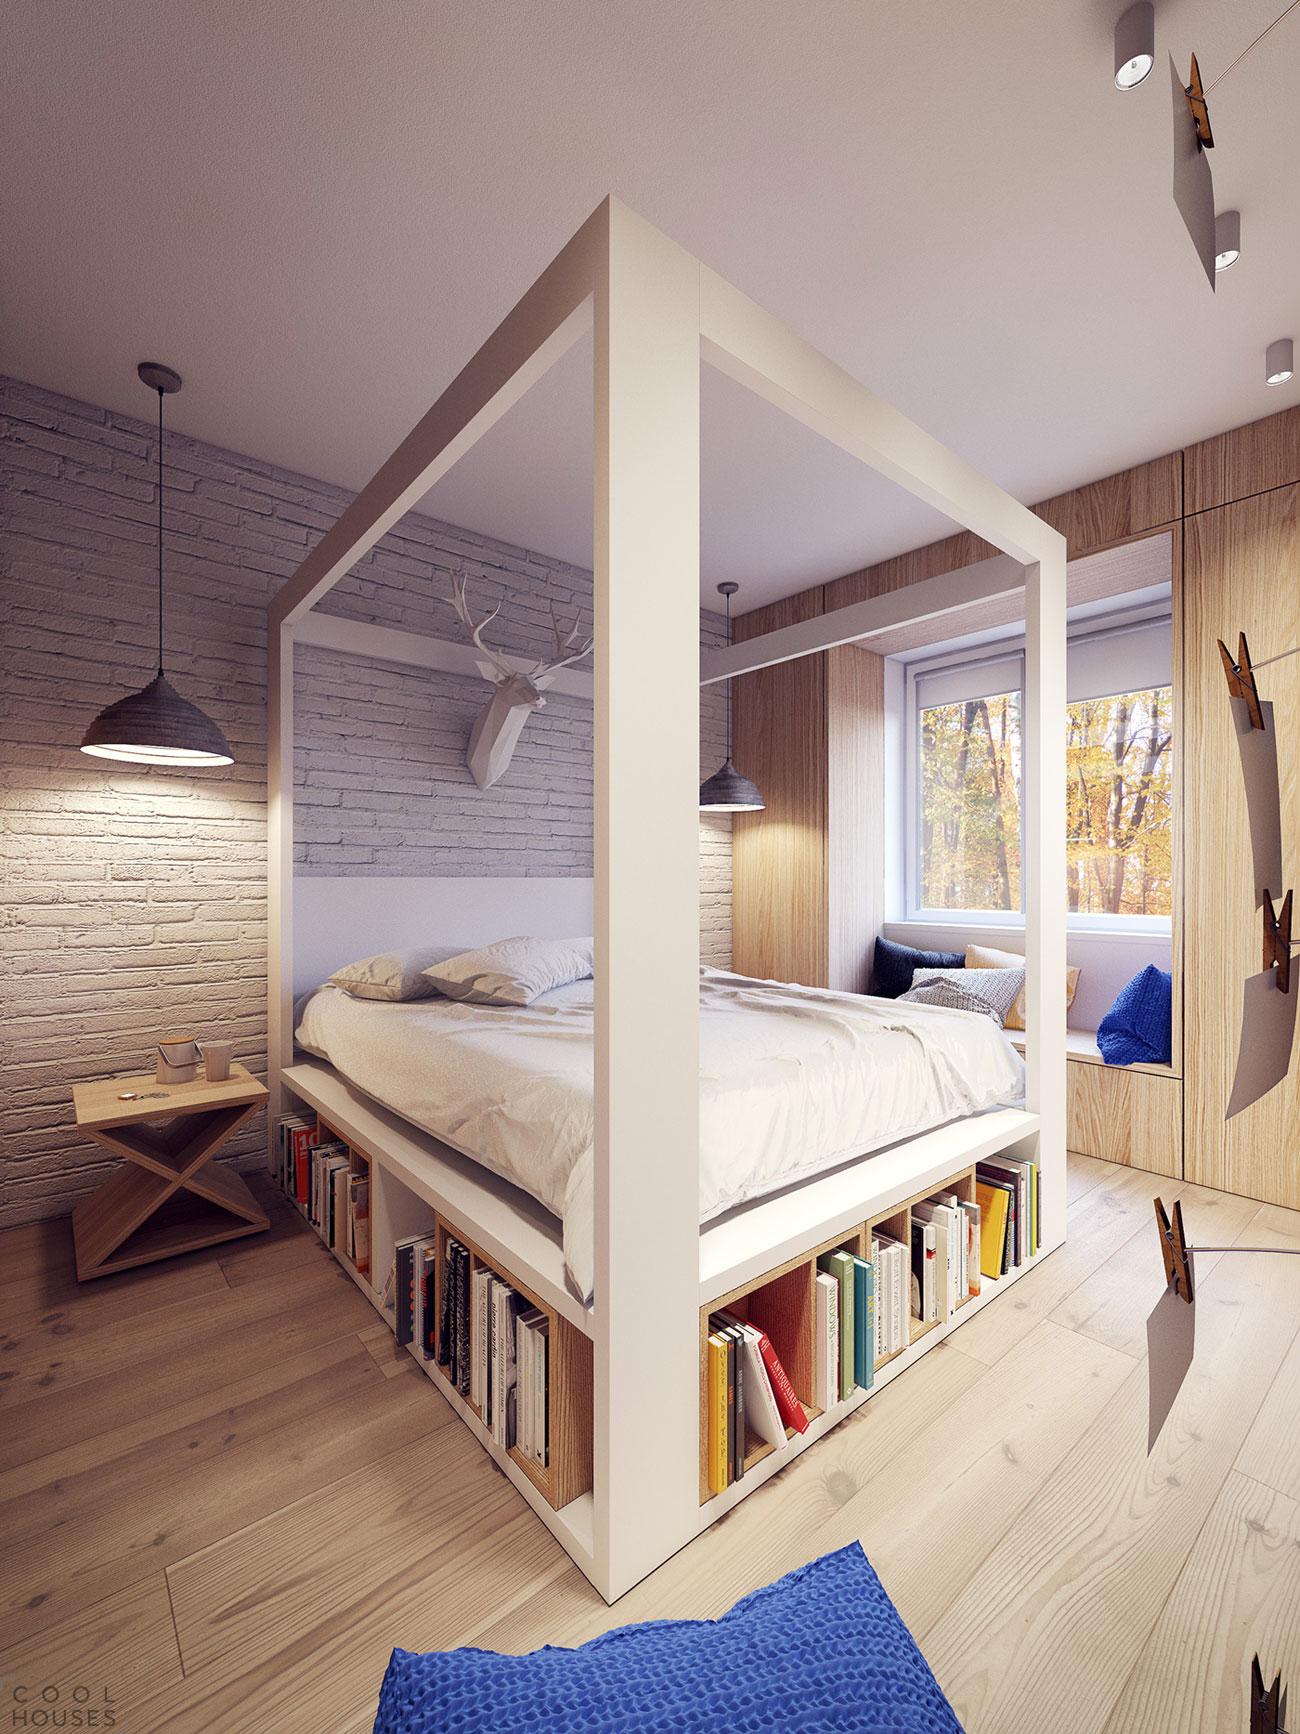 Квартира в стиле 60-х годов в Варшаве, Польша